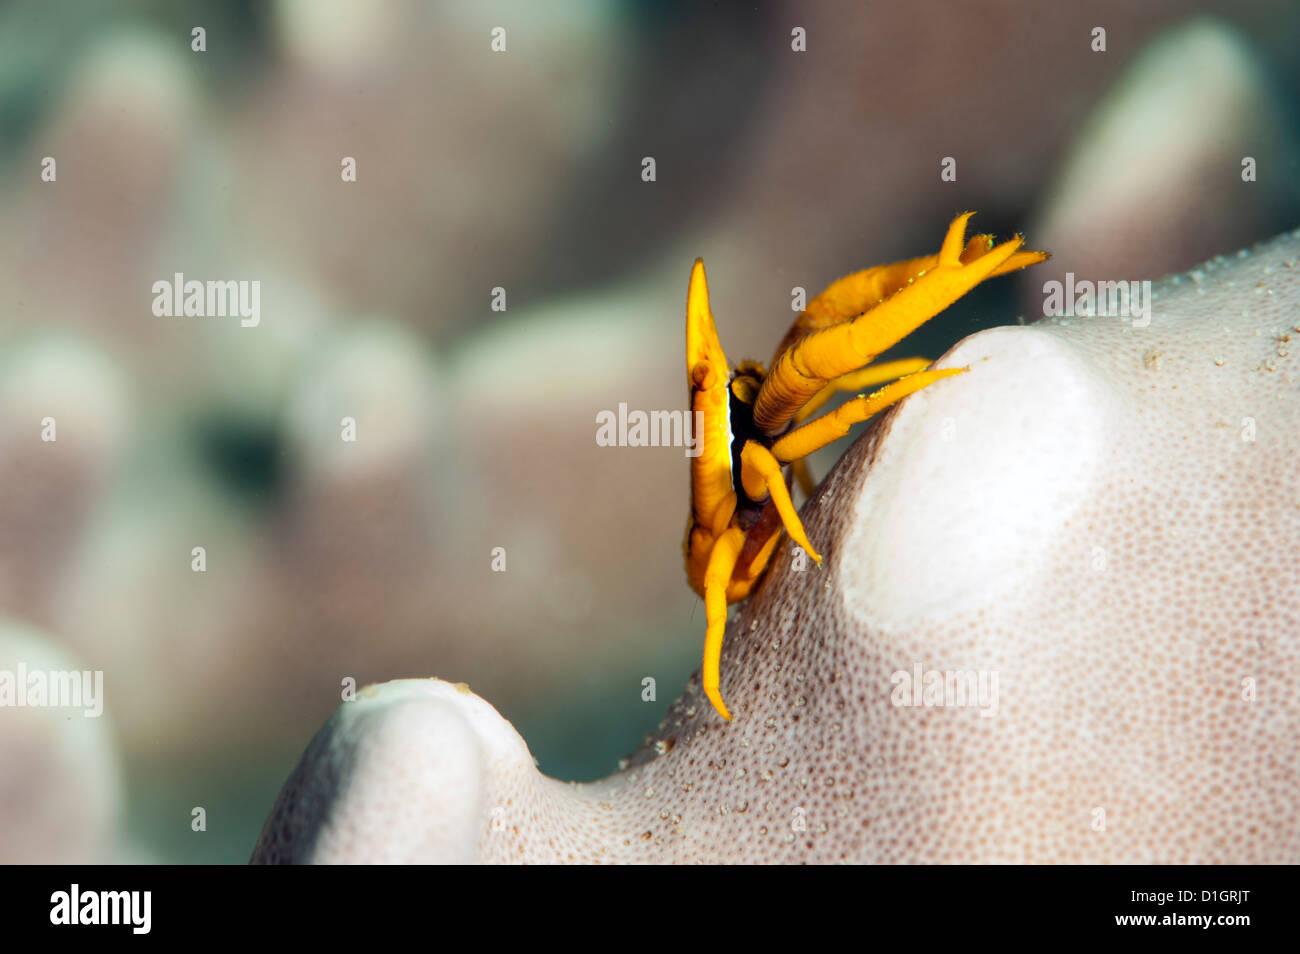 Elegante hocken Hummer (Allogalathea Elegans), Sulawesi, Indonesien, Südostasien, Asien Stockbild